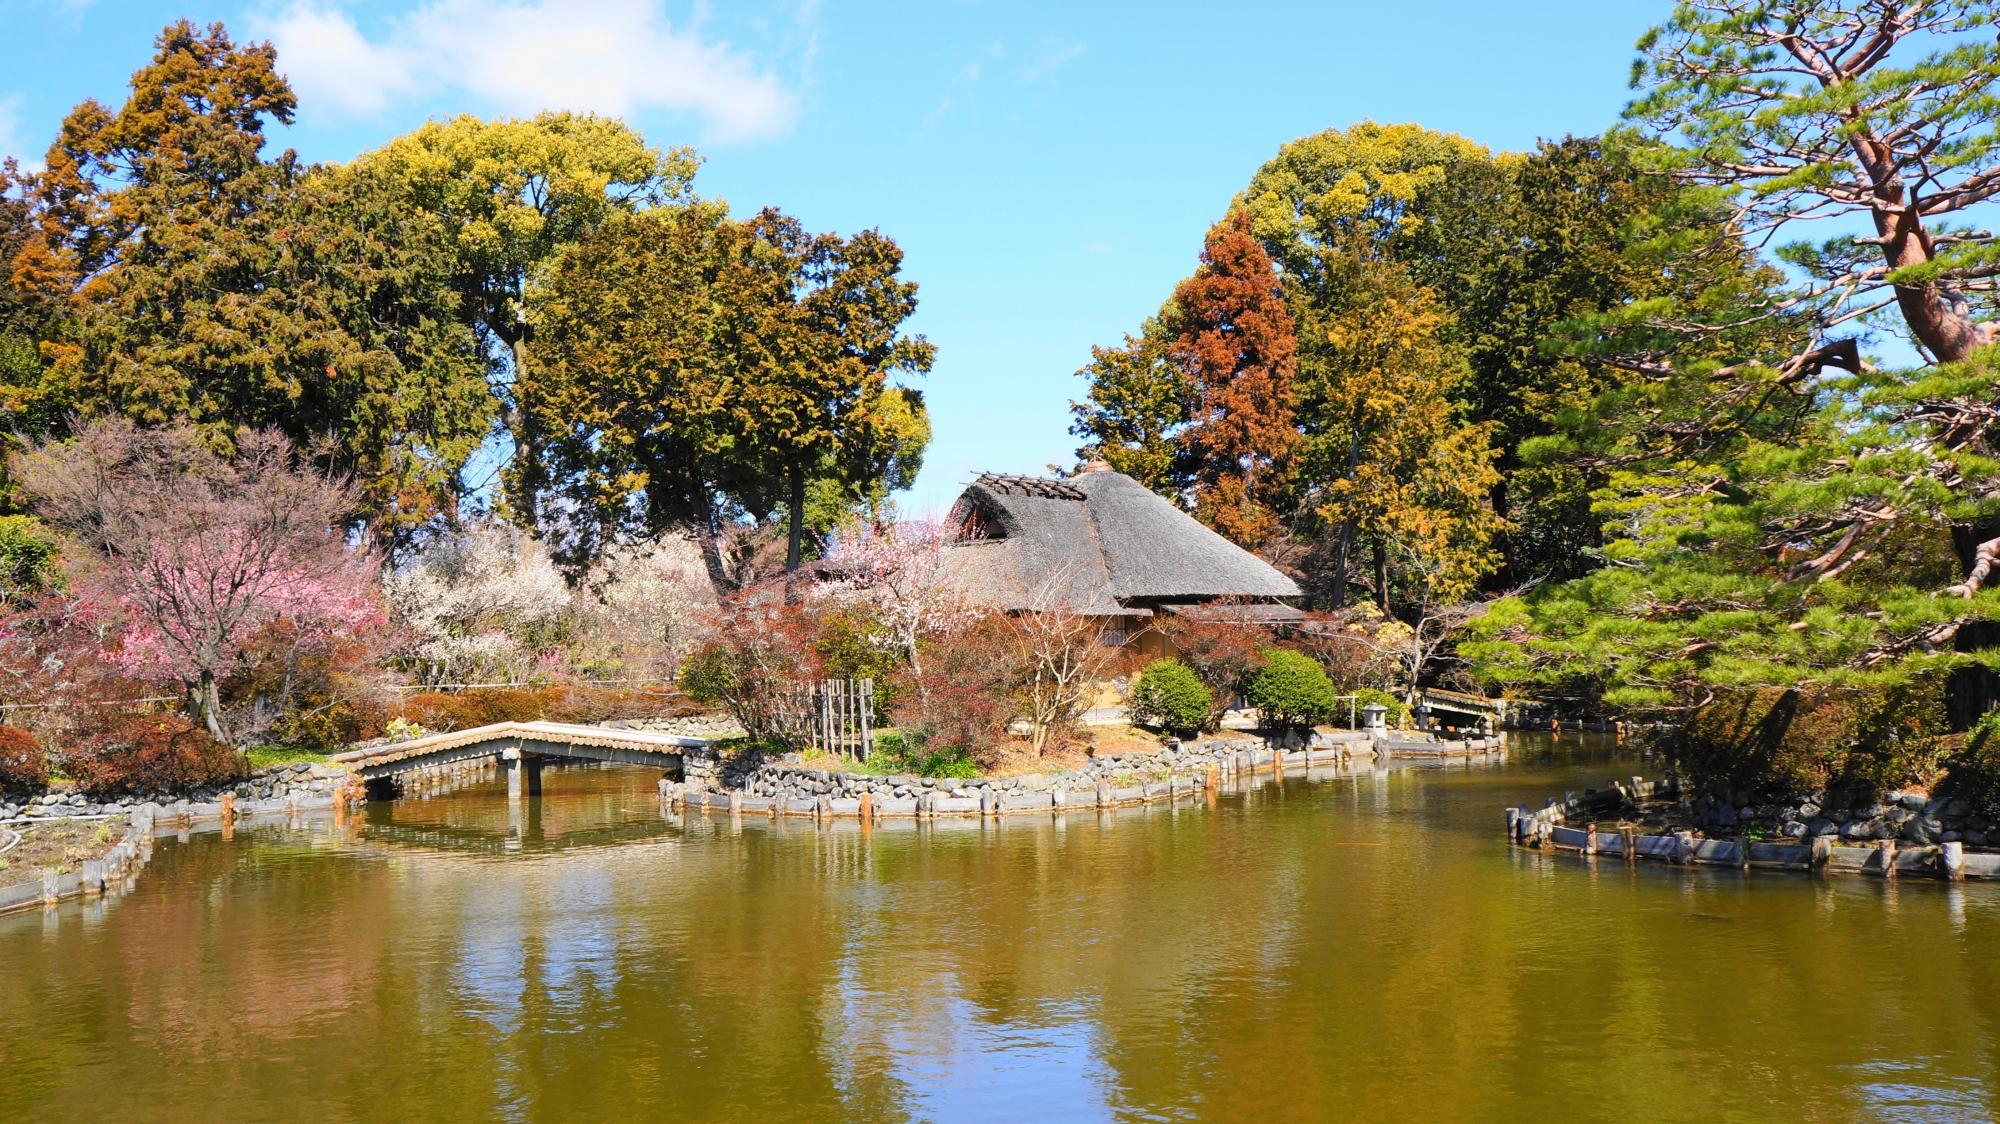 東神苑の咲耶池と池中亭茶室付近の梅